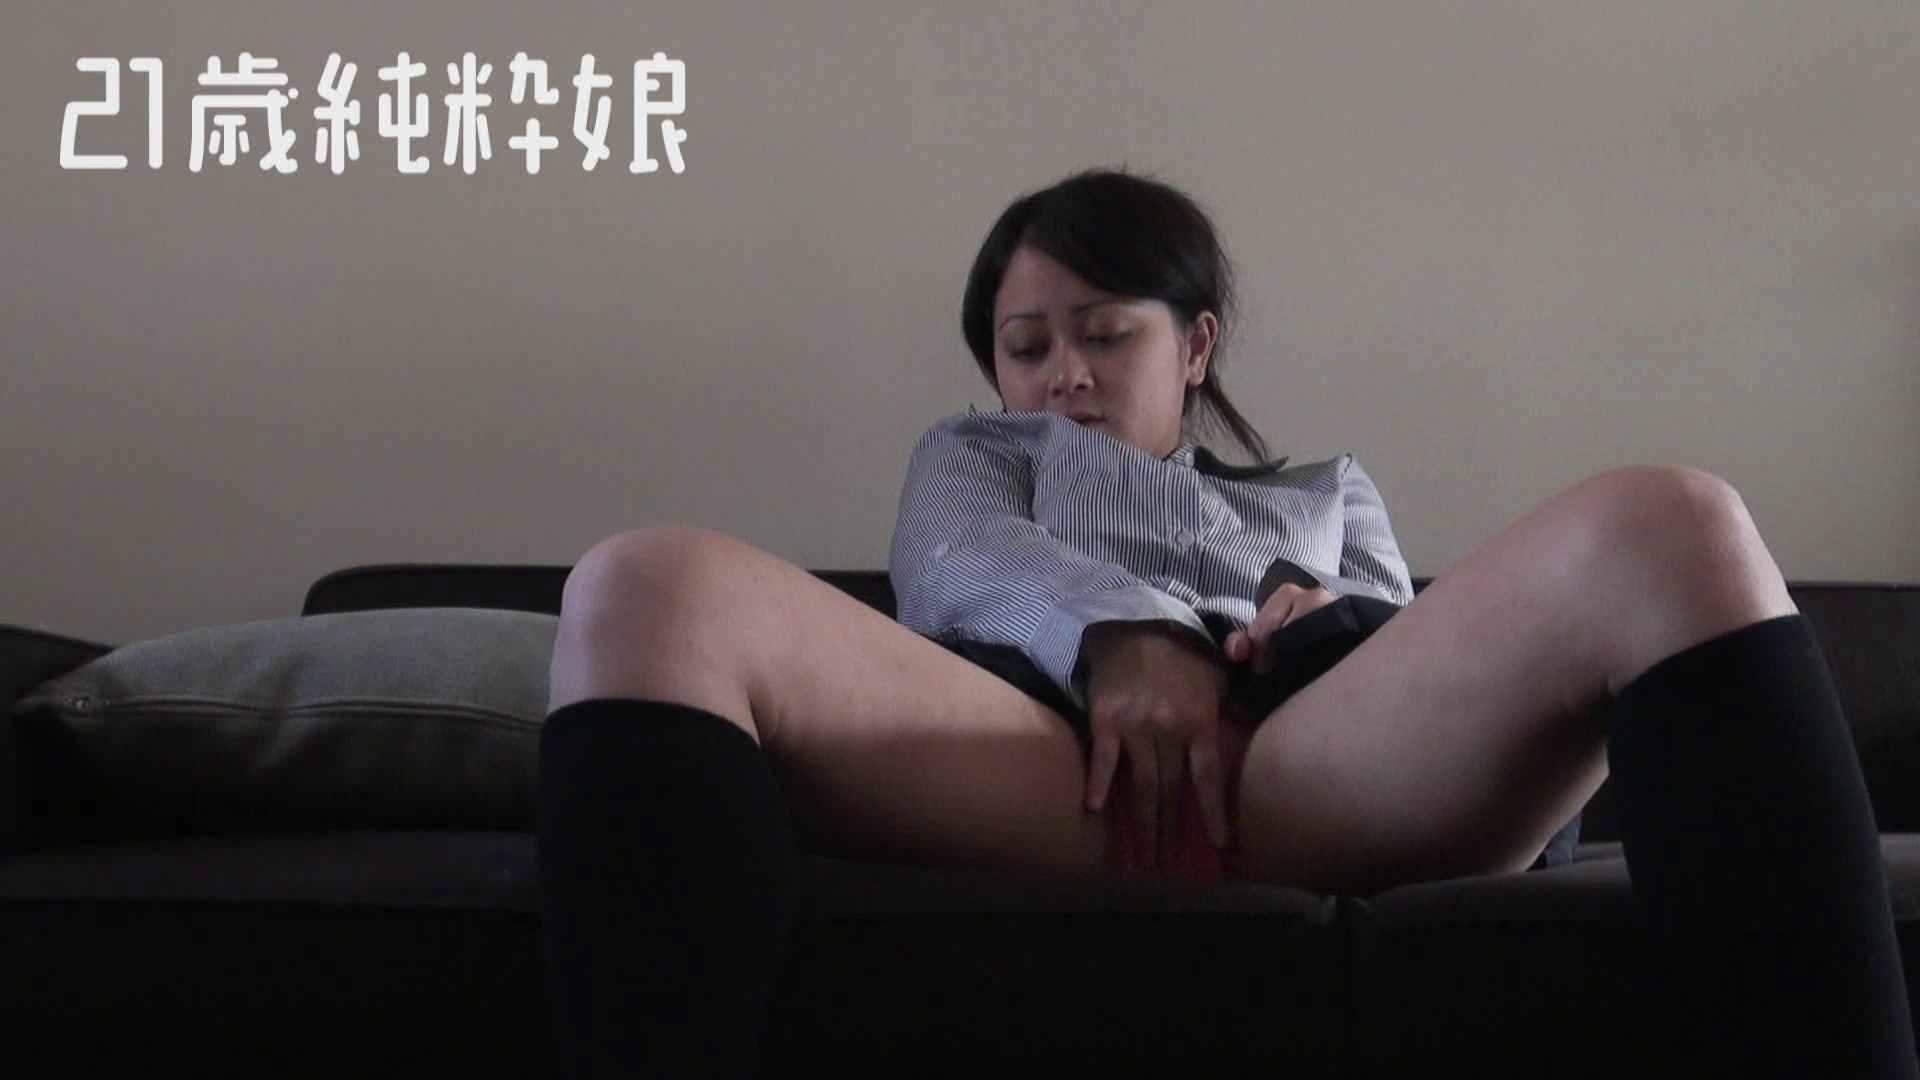 上京したばかりのGカップ21歳純粋嬢を都合の良い女にしてみた3 フェラ   オナニー  110連発 7